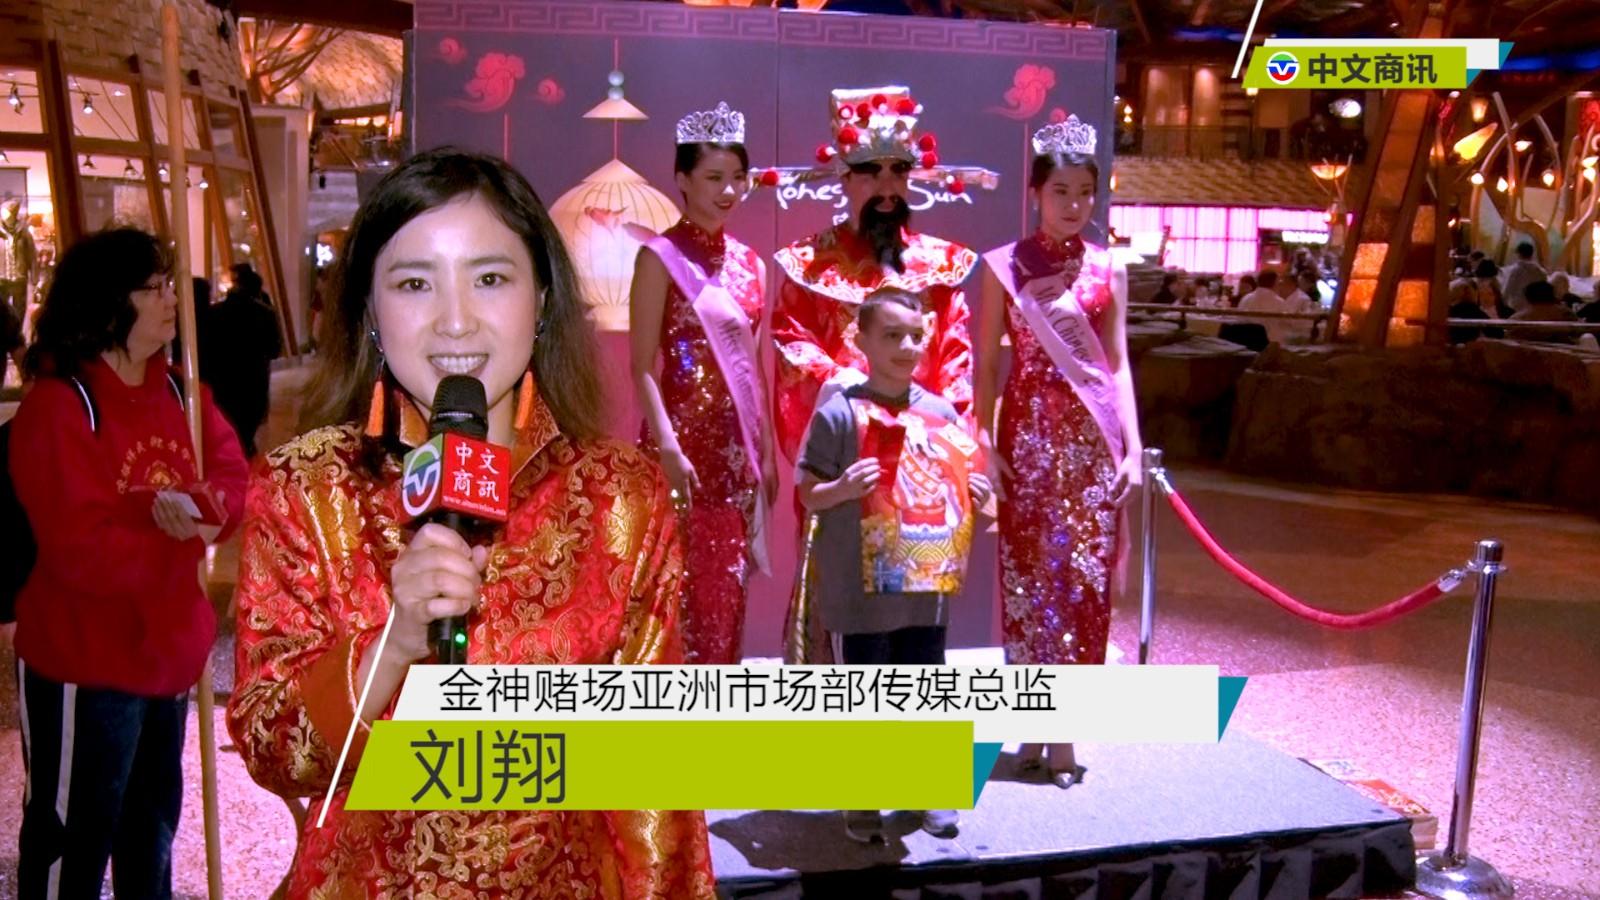 【视频】金神大赌场喜迎狗年惊喜连连